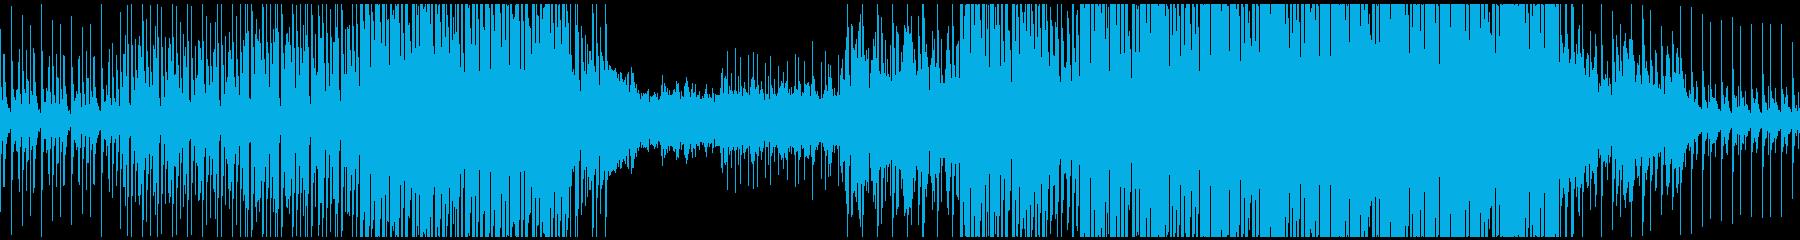 ドラム & ベース ジャングル 企...の再生済みの波形